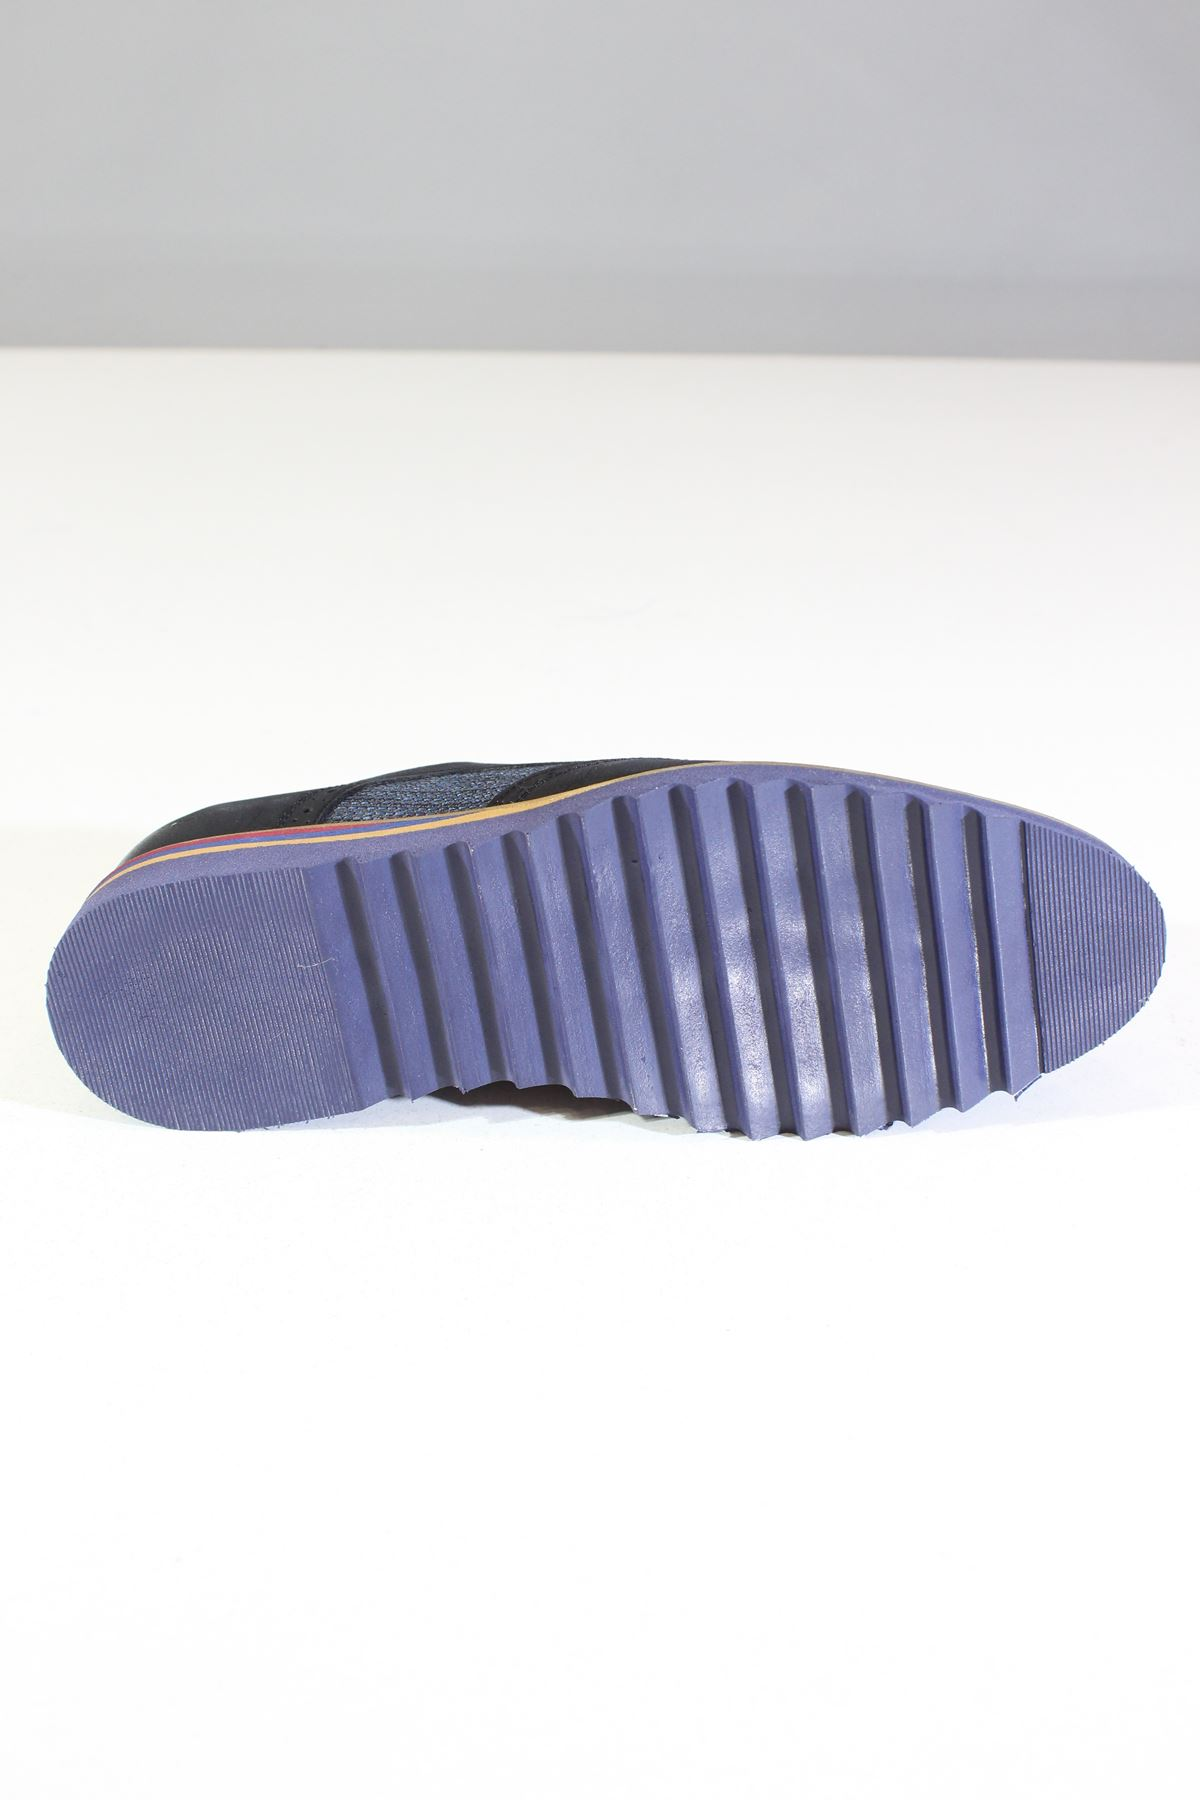 Trend Ayakkabı 0072 Lacivert Erkek Casual Ayakkabı